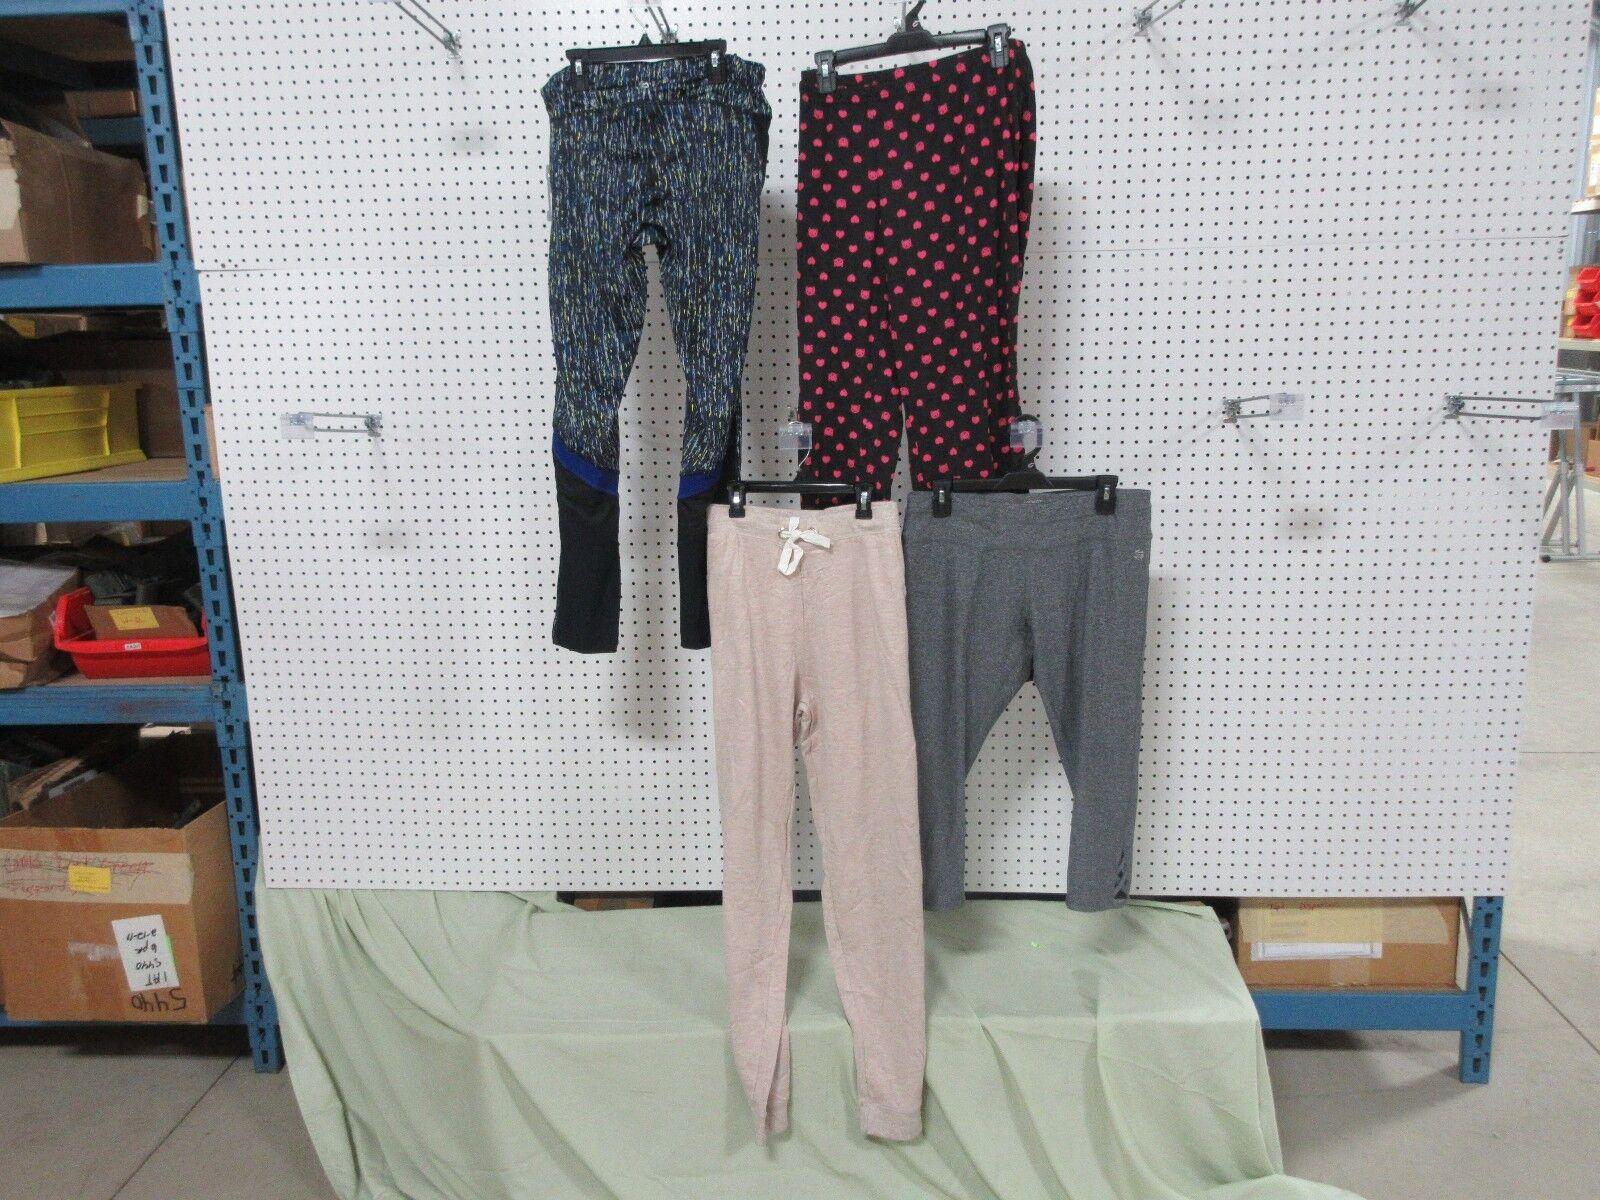 4 GYM XL 1X PLUS WOMEN'S CLOTHES LEGGINGS SWEATPANTS SPORT PANTS ATHLETIC WEAR